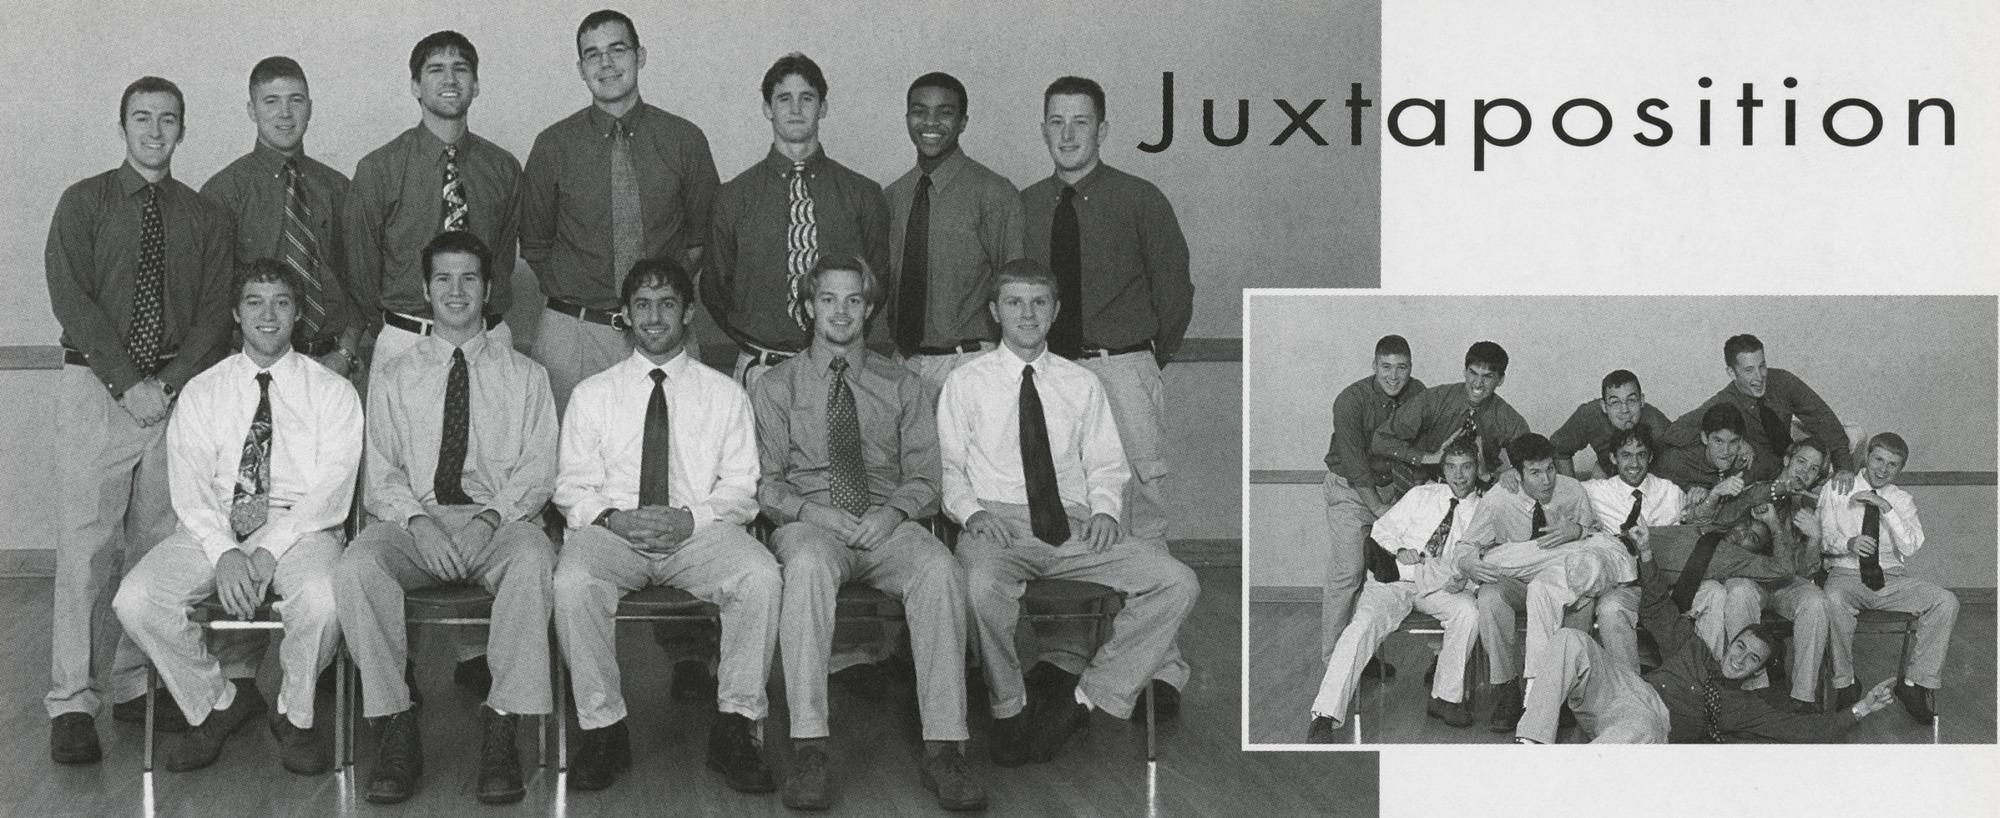 http://spec.lib.vt.edu/pickup/Omeka_upload/Bugle2003_pg265_Juxtaposition_NoDescript.jpg